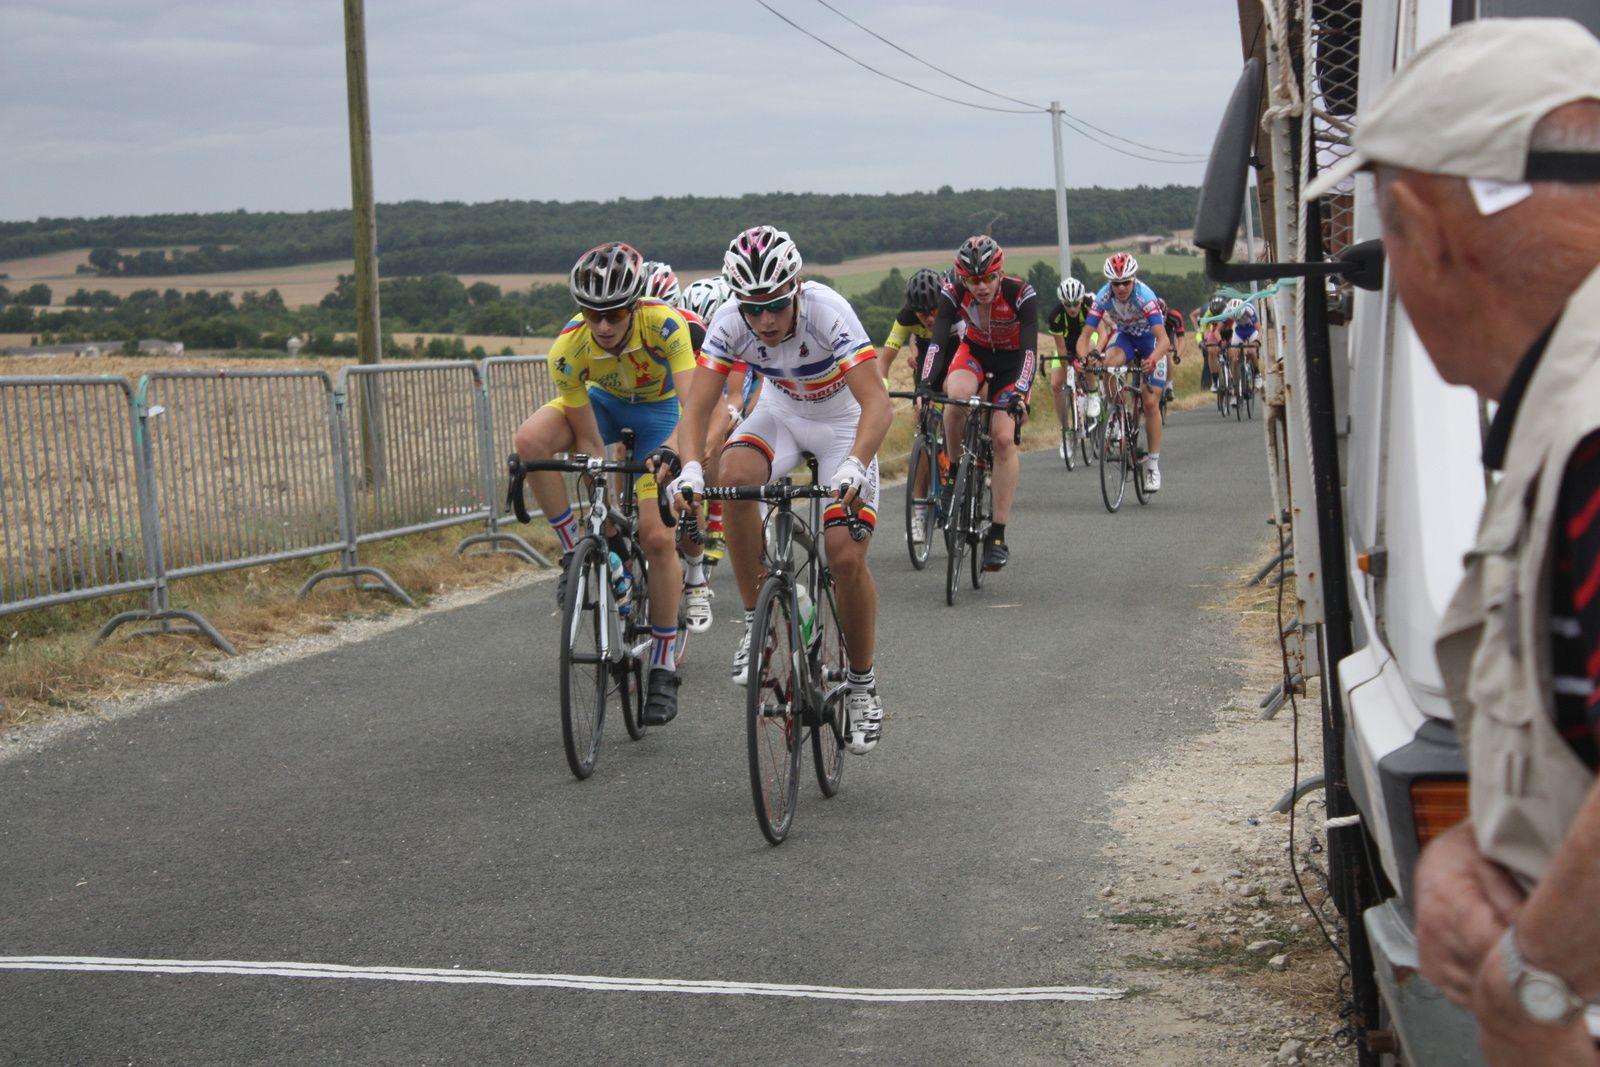 5e  tour , CHALMETTE  toujours  en  tête  même  si  2  coureurs  sont  revenus  sur  lui, Gaétan  BOUCHERY  est  sortit  en  contre